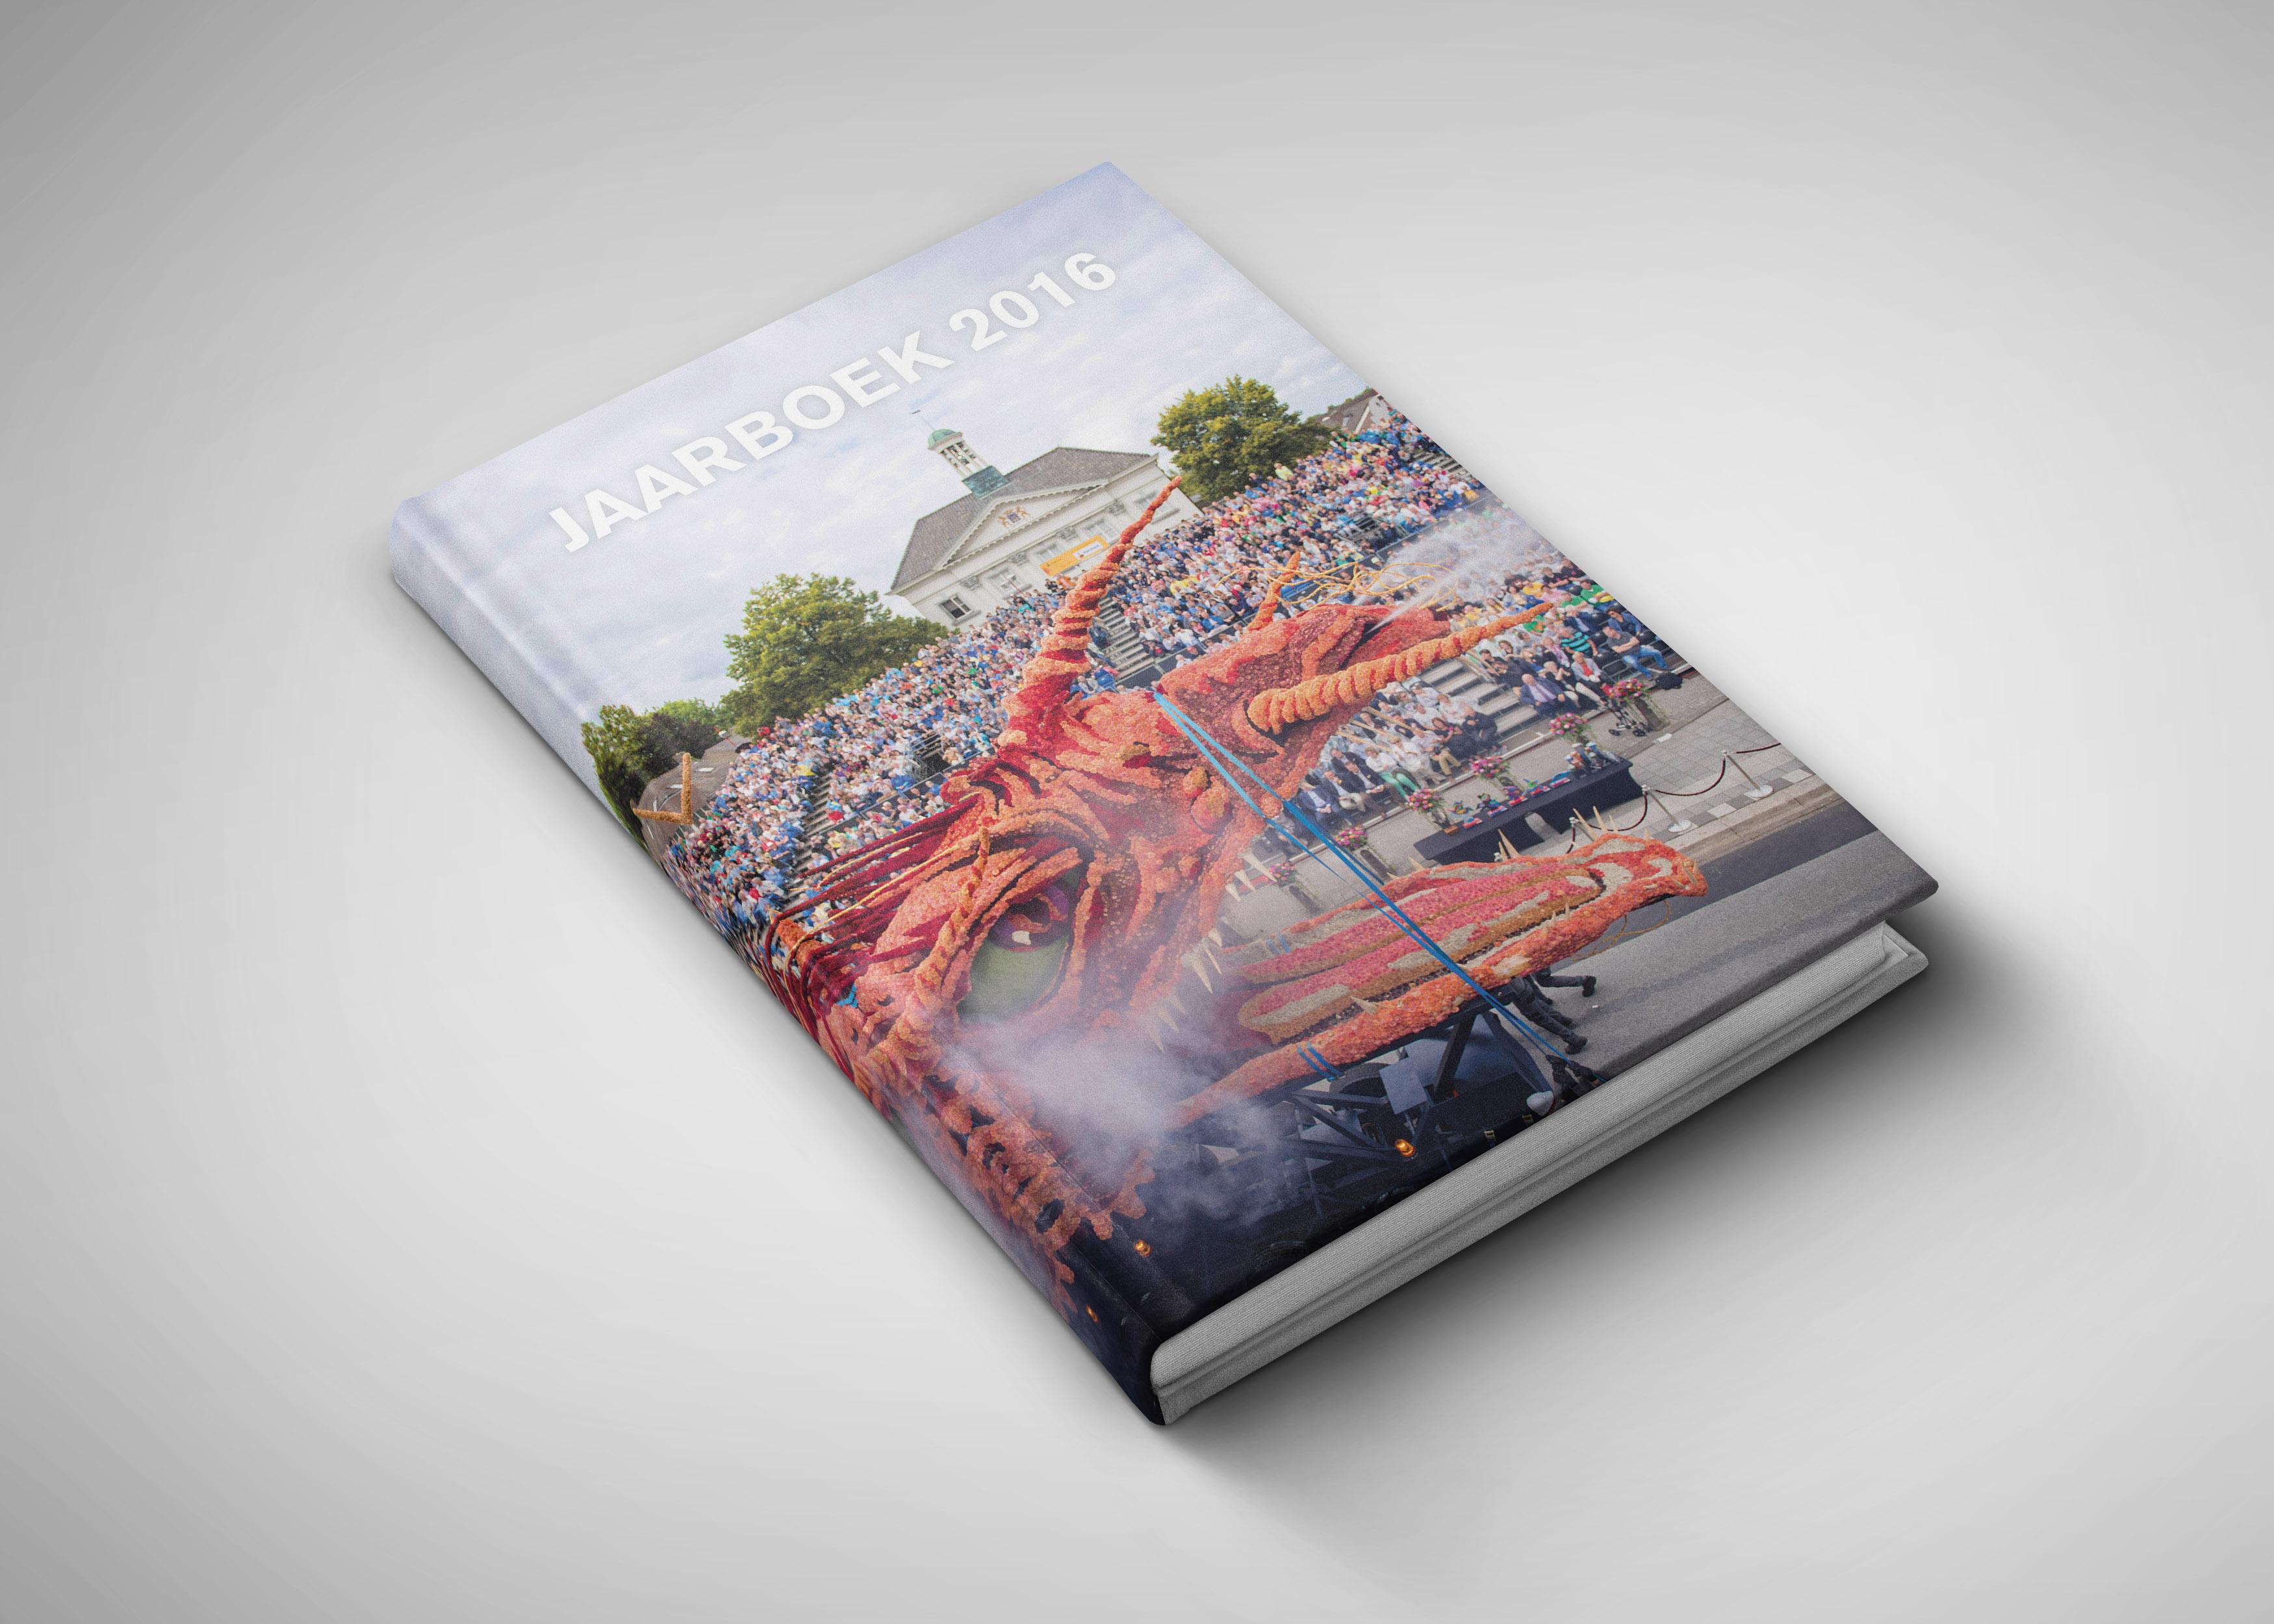 jaarboek_2016_mockup_cover_1_klein